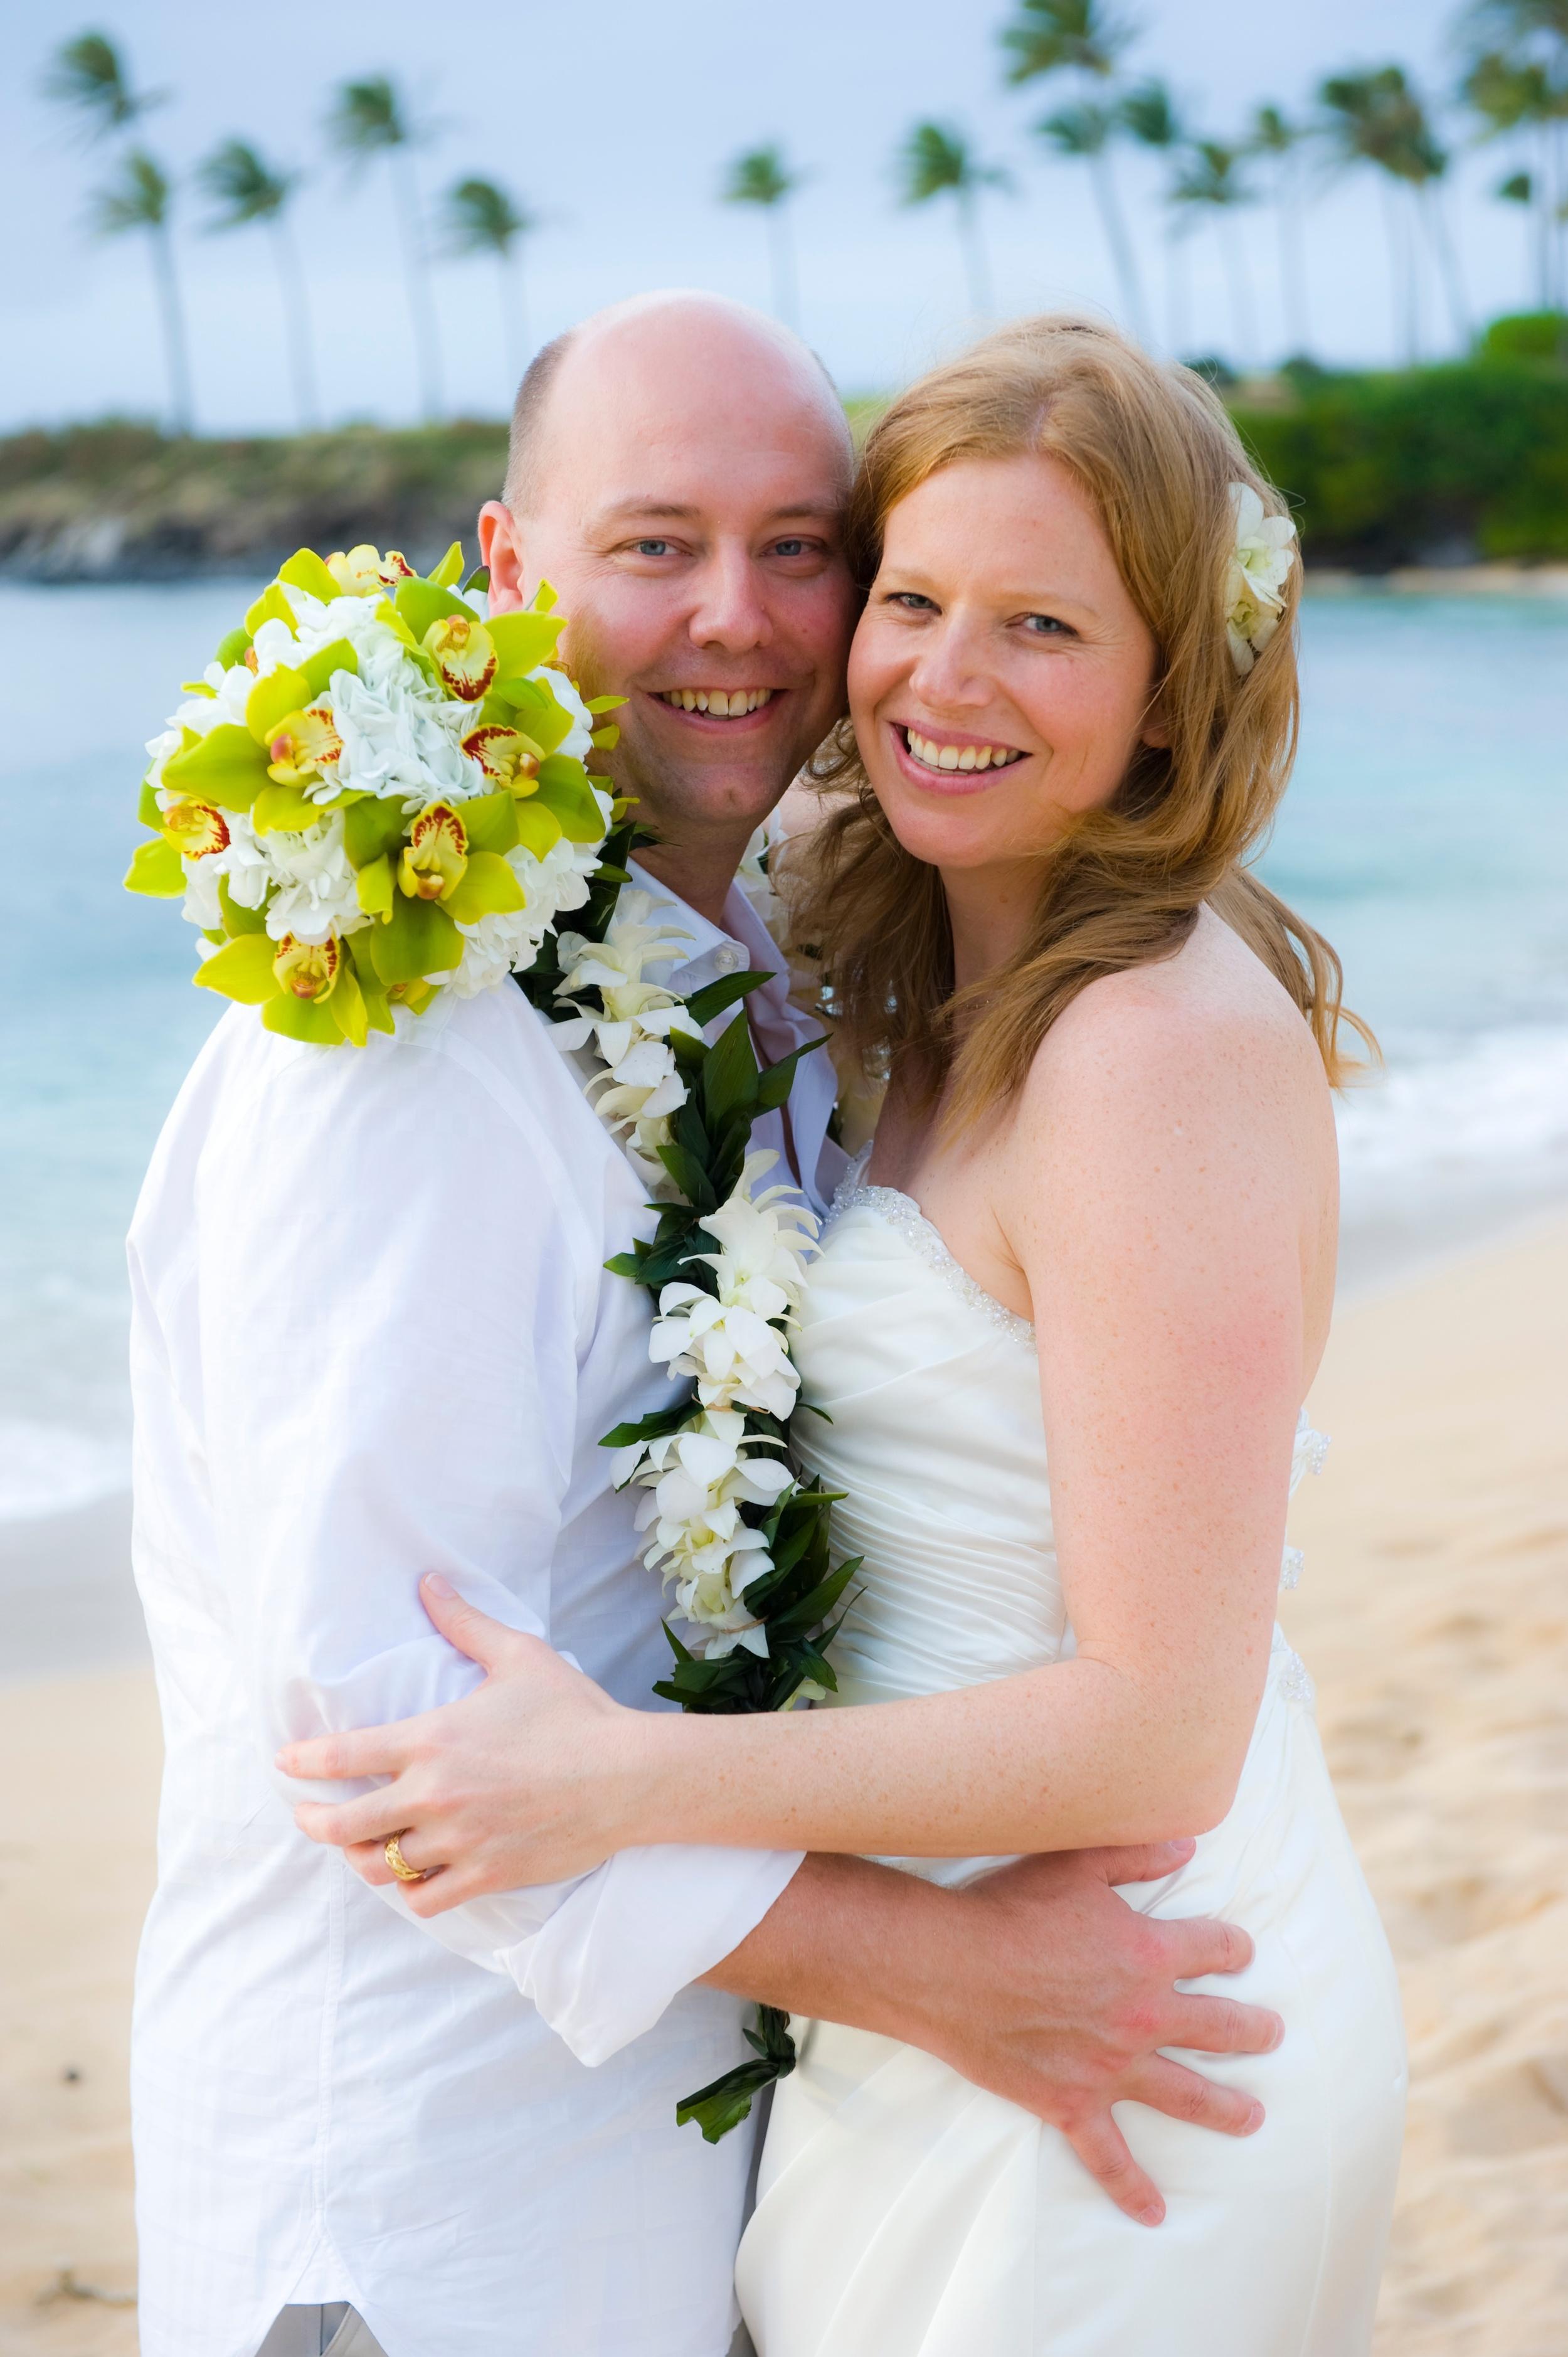 Wedding++31720-1852469411-O.jpg